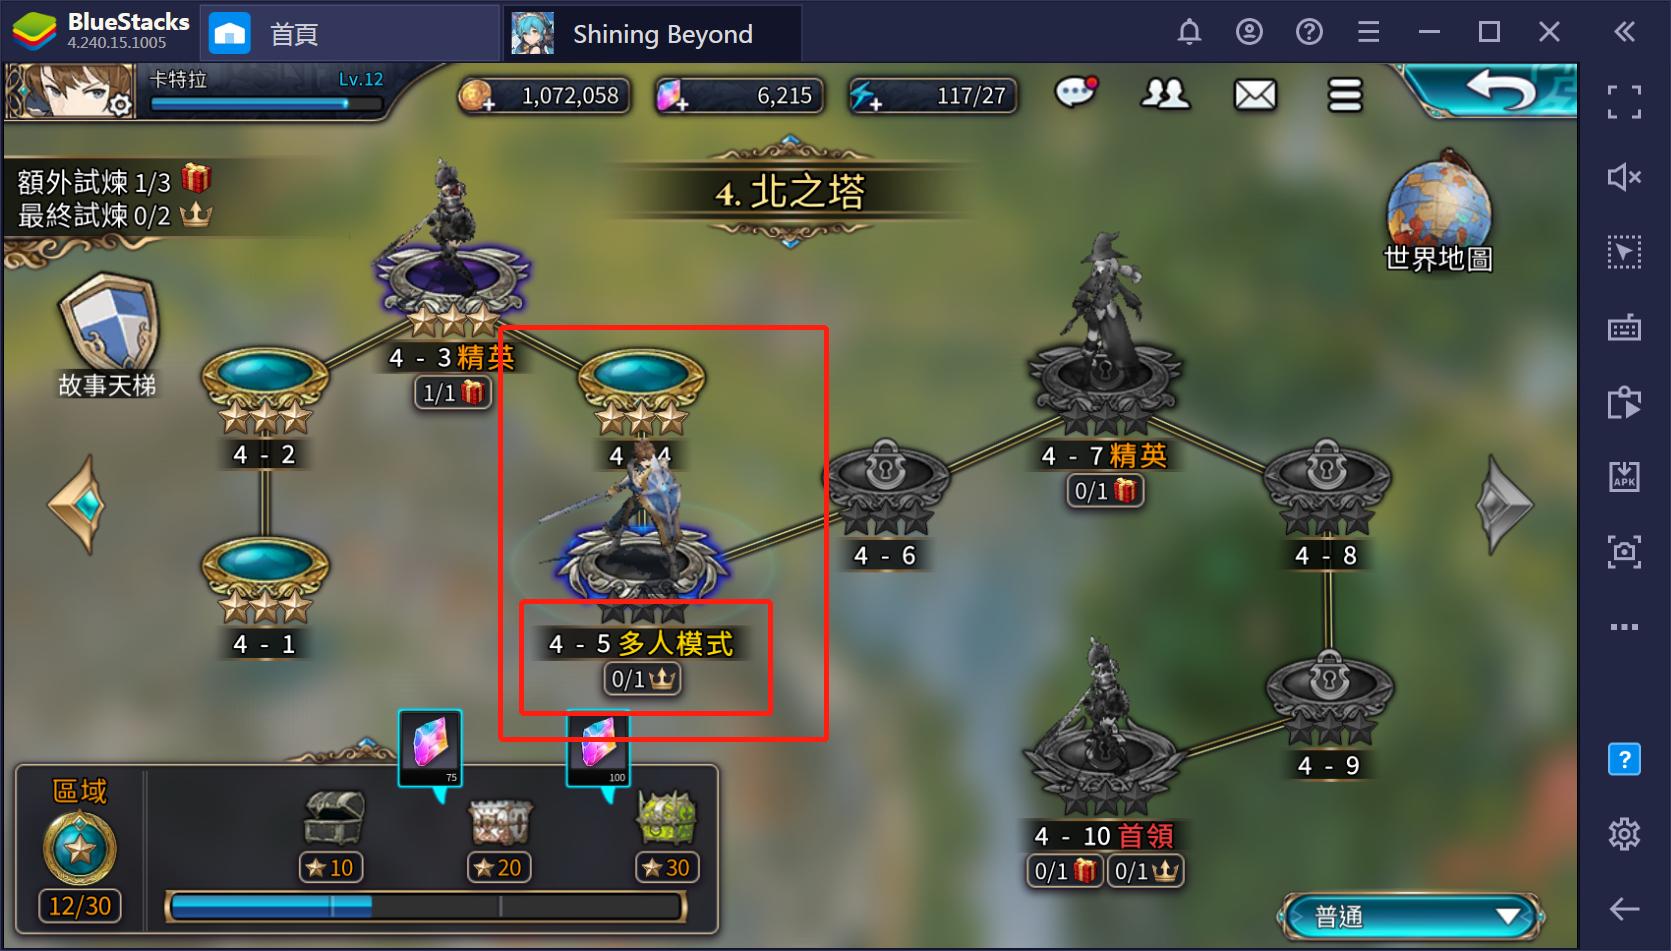 使用BlueStacks在PC上遊玩新形態放置手遊 《聖光之約 Shining Beyond》